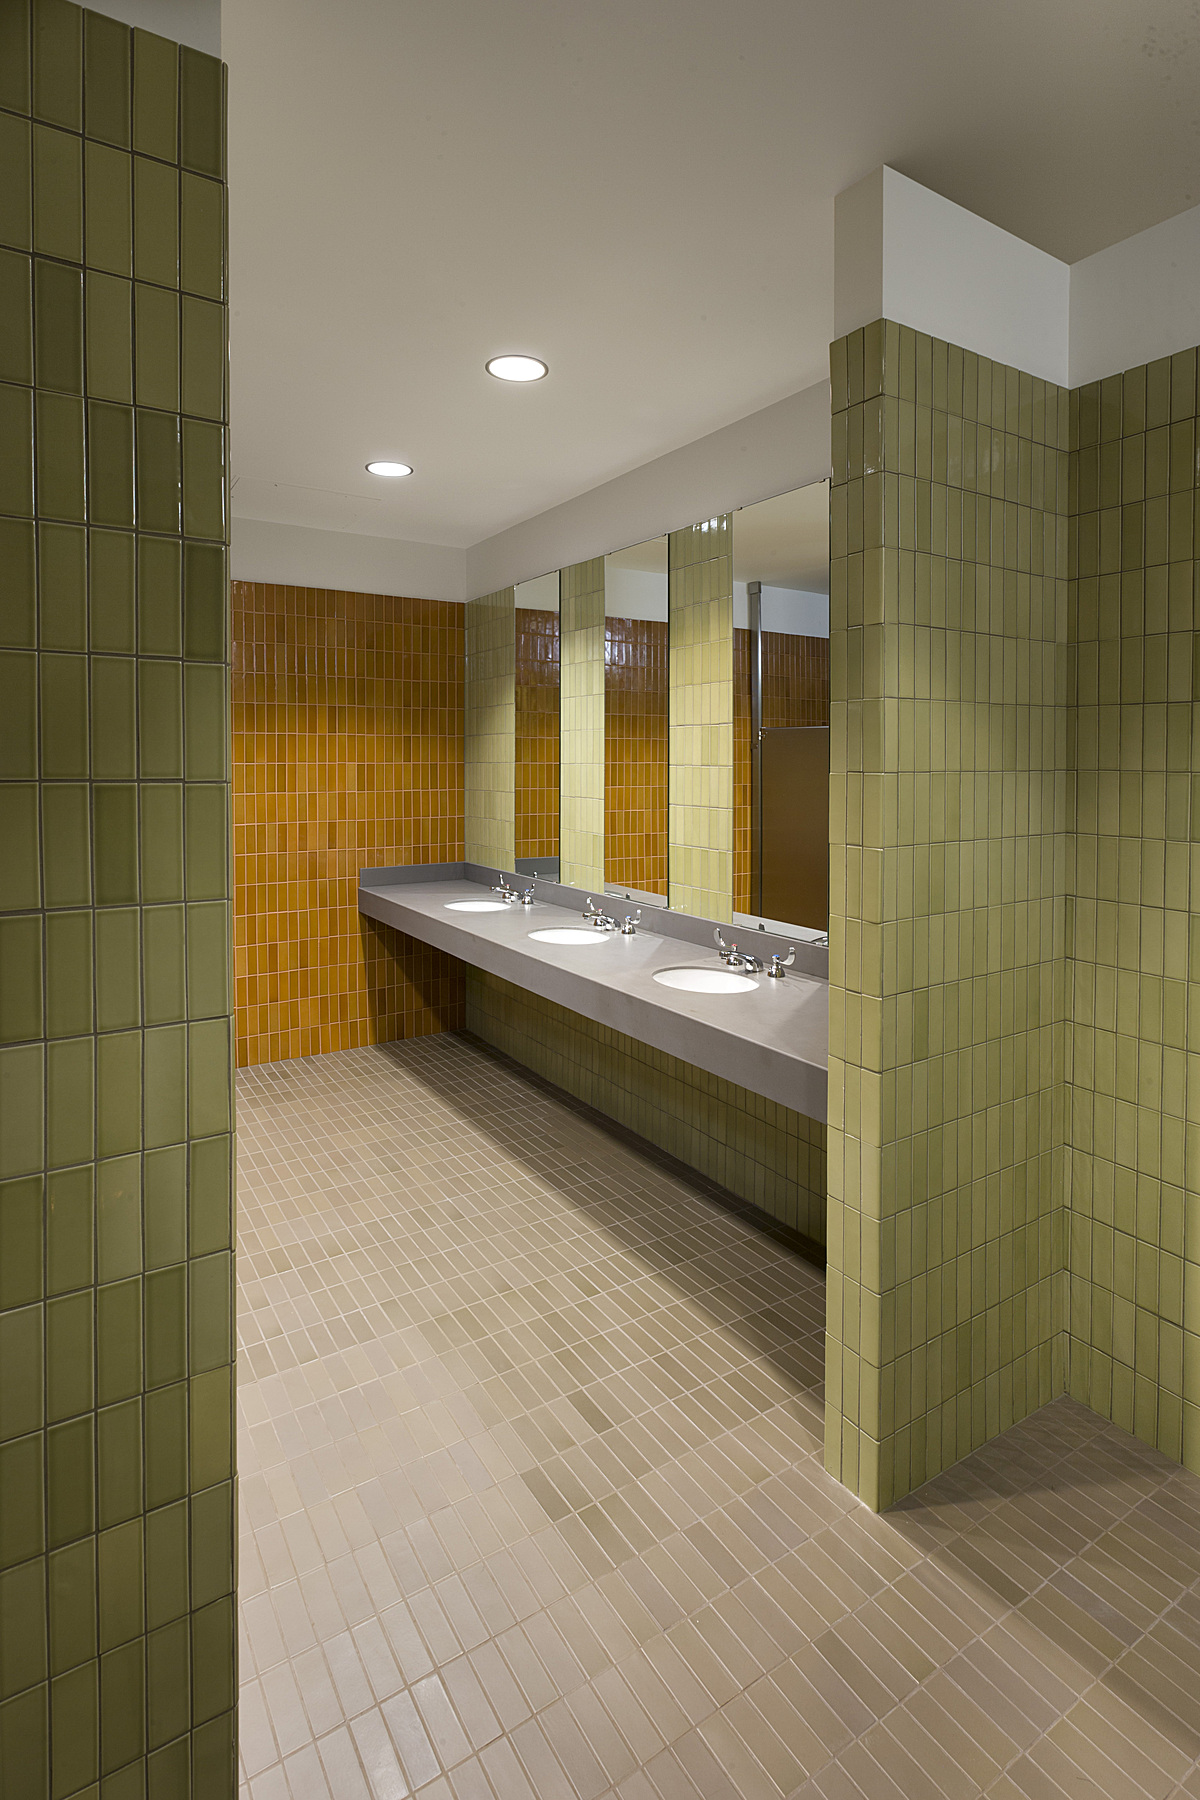 new women's restroom